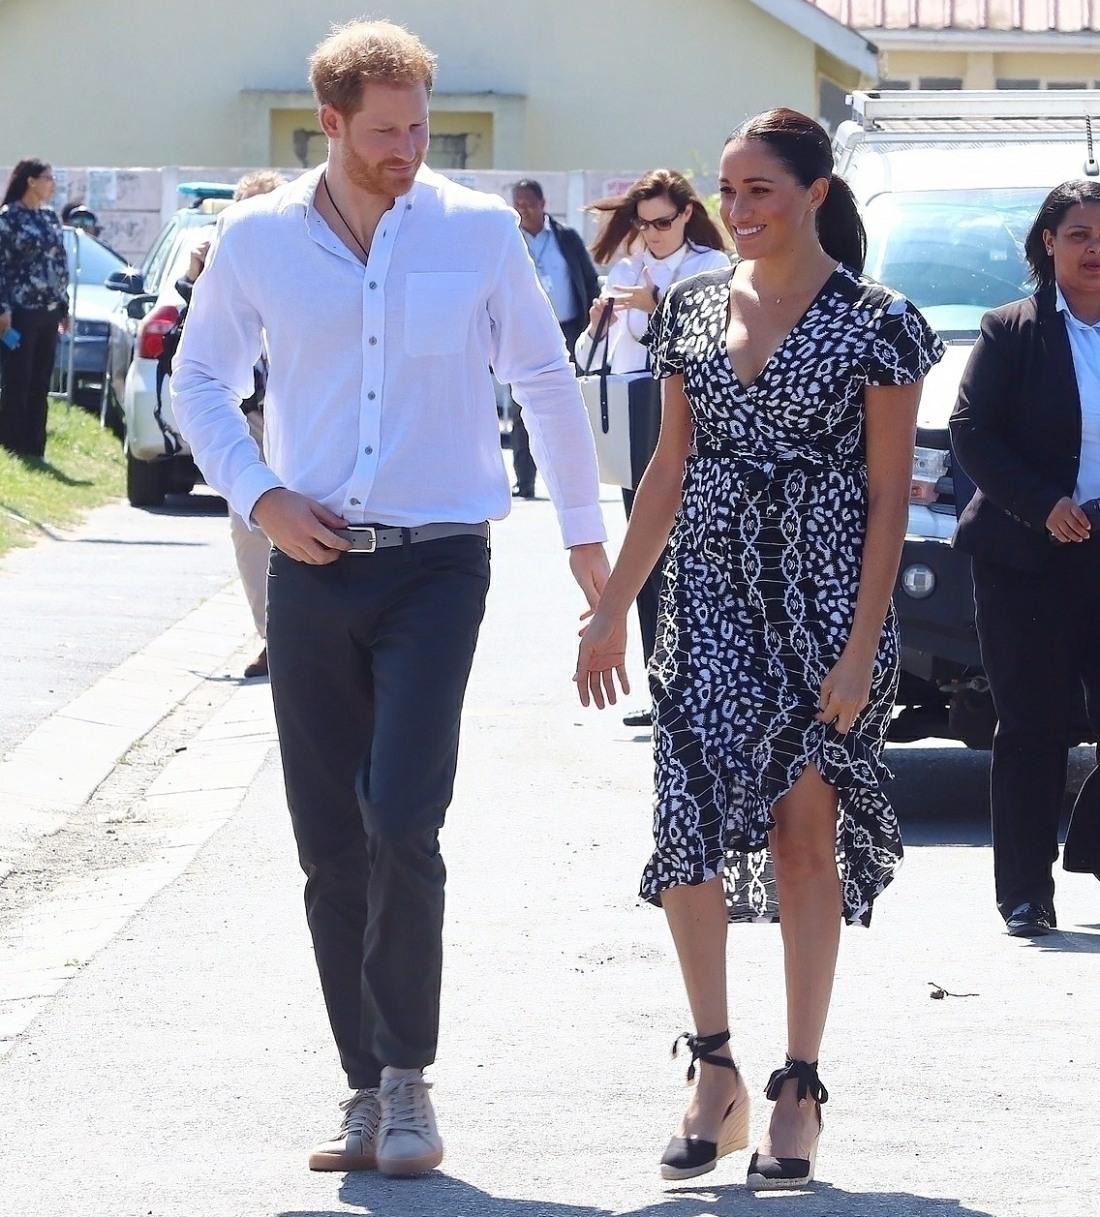 Il duca e la duchessa del Sussex Il principe Harry e Meghan videro arrivare in una borgata di Nyanga